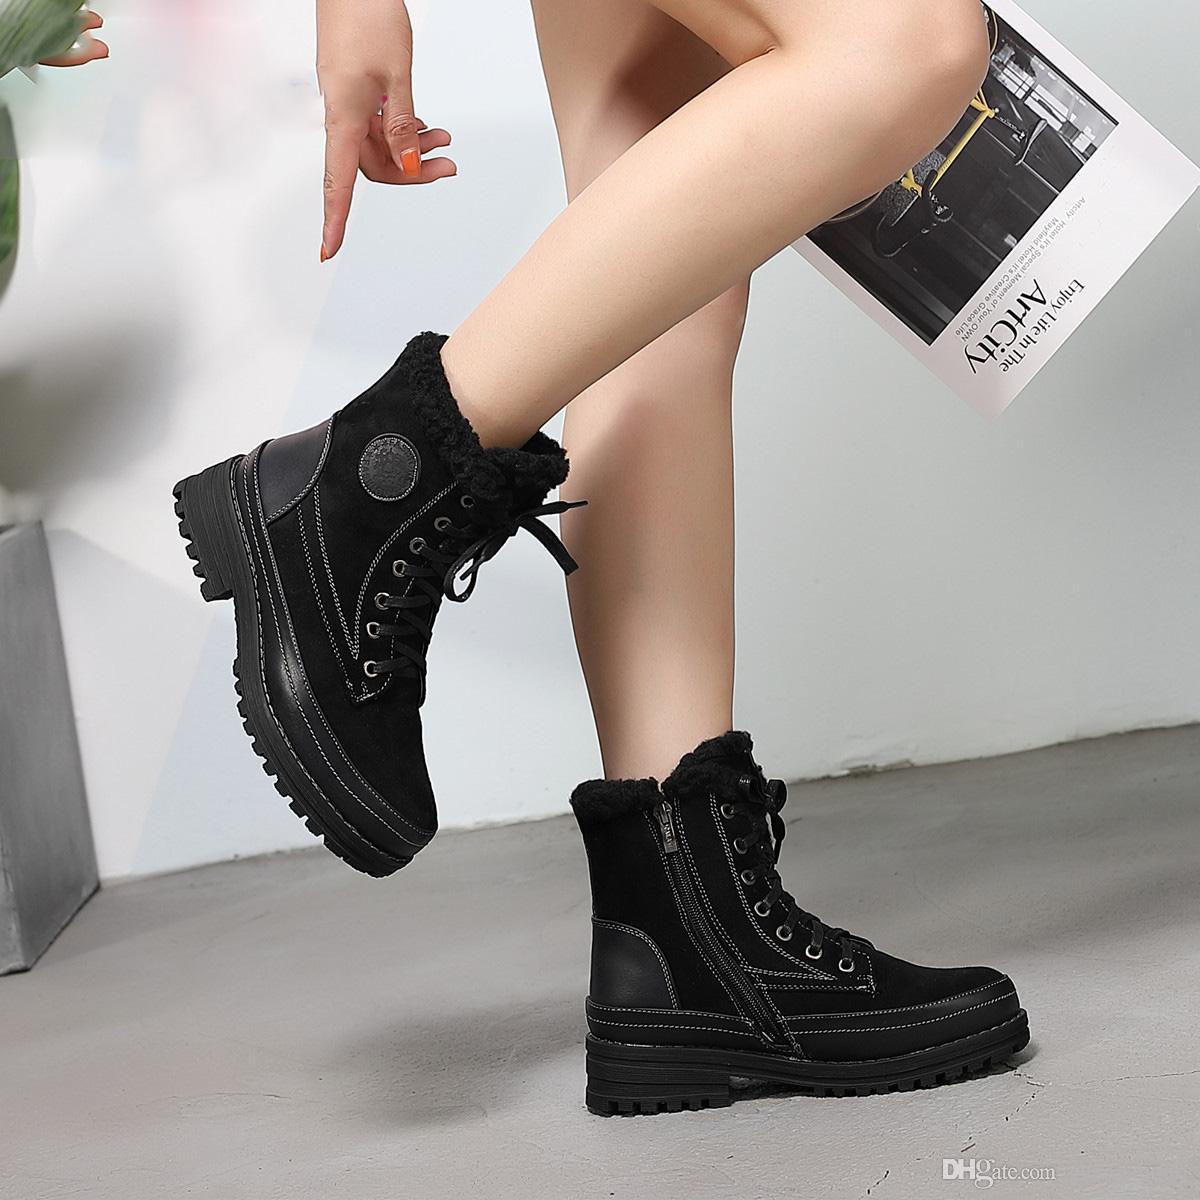 Klasik kadın yuvarlak ayak kış ayakkabı lace up sıcak peluş astarı platformu yürüyüş ayak bileği kar botları rahat